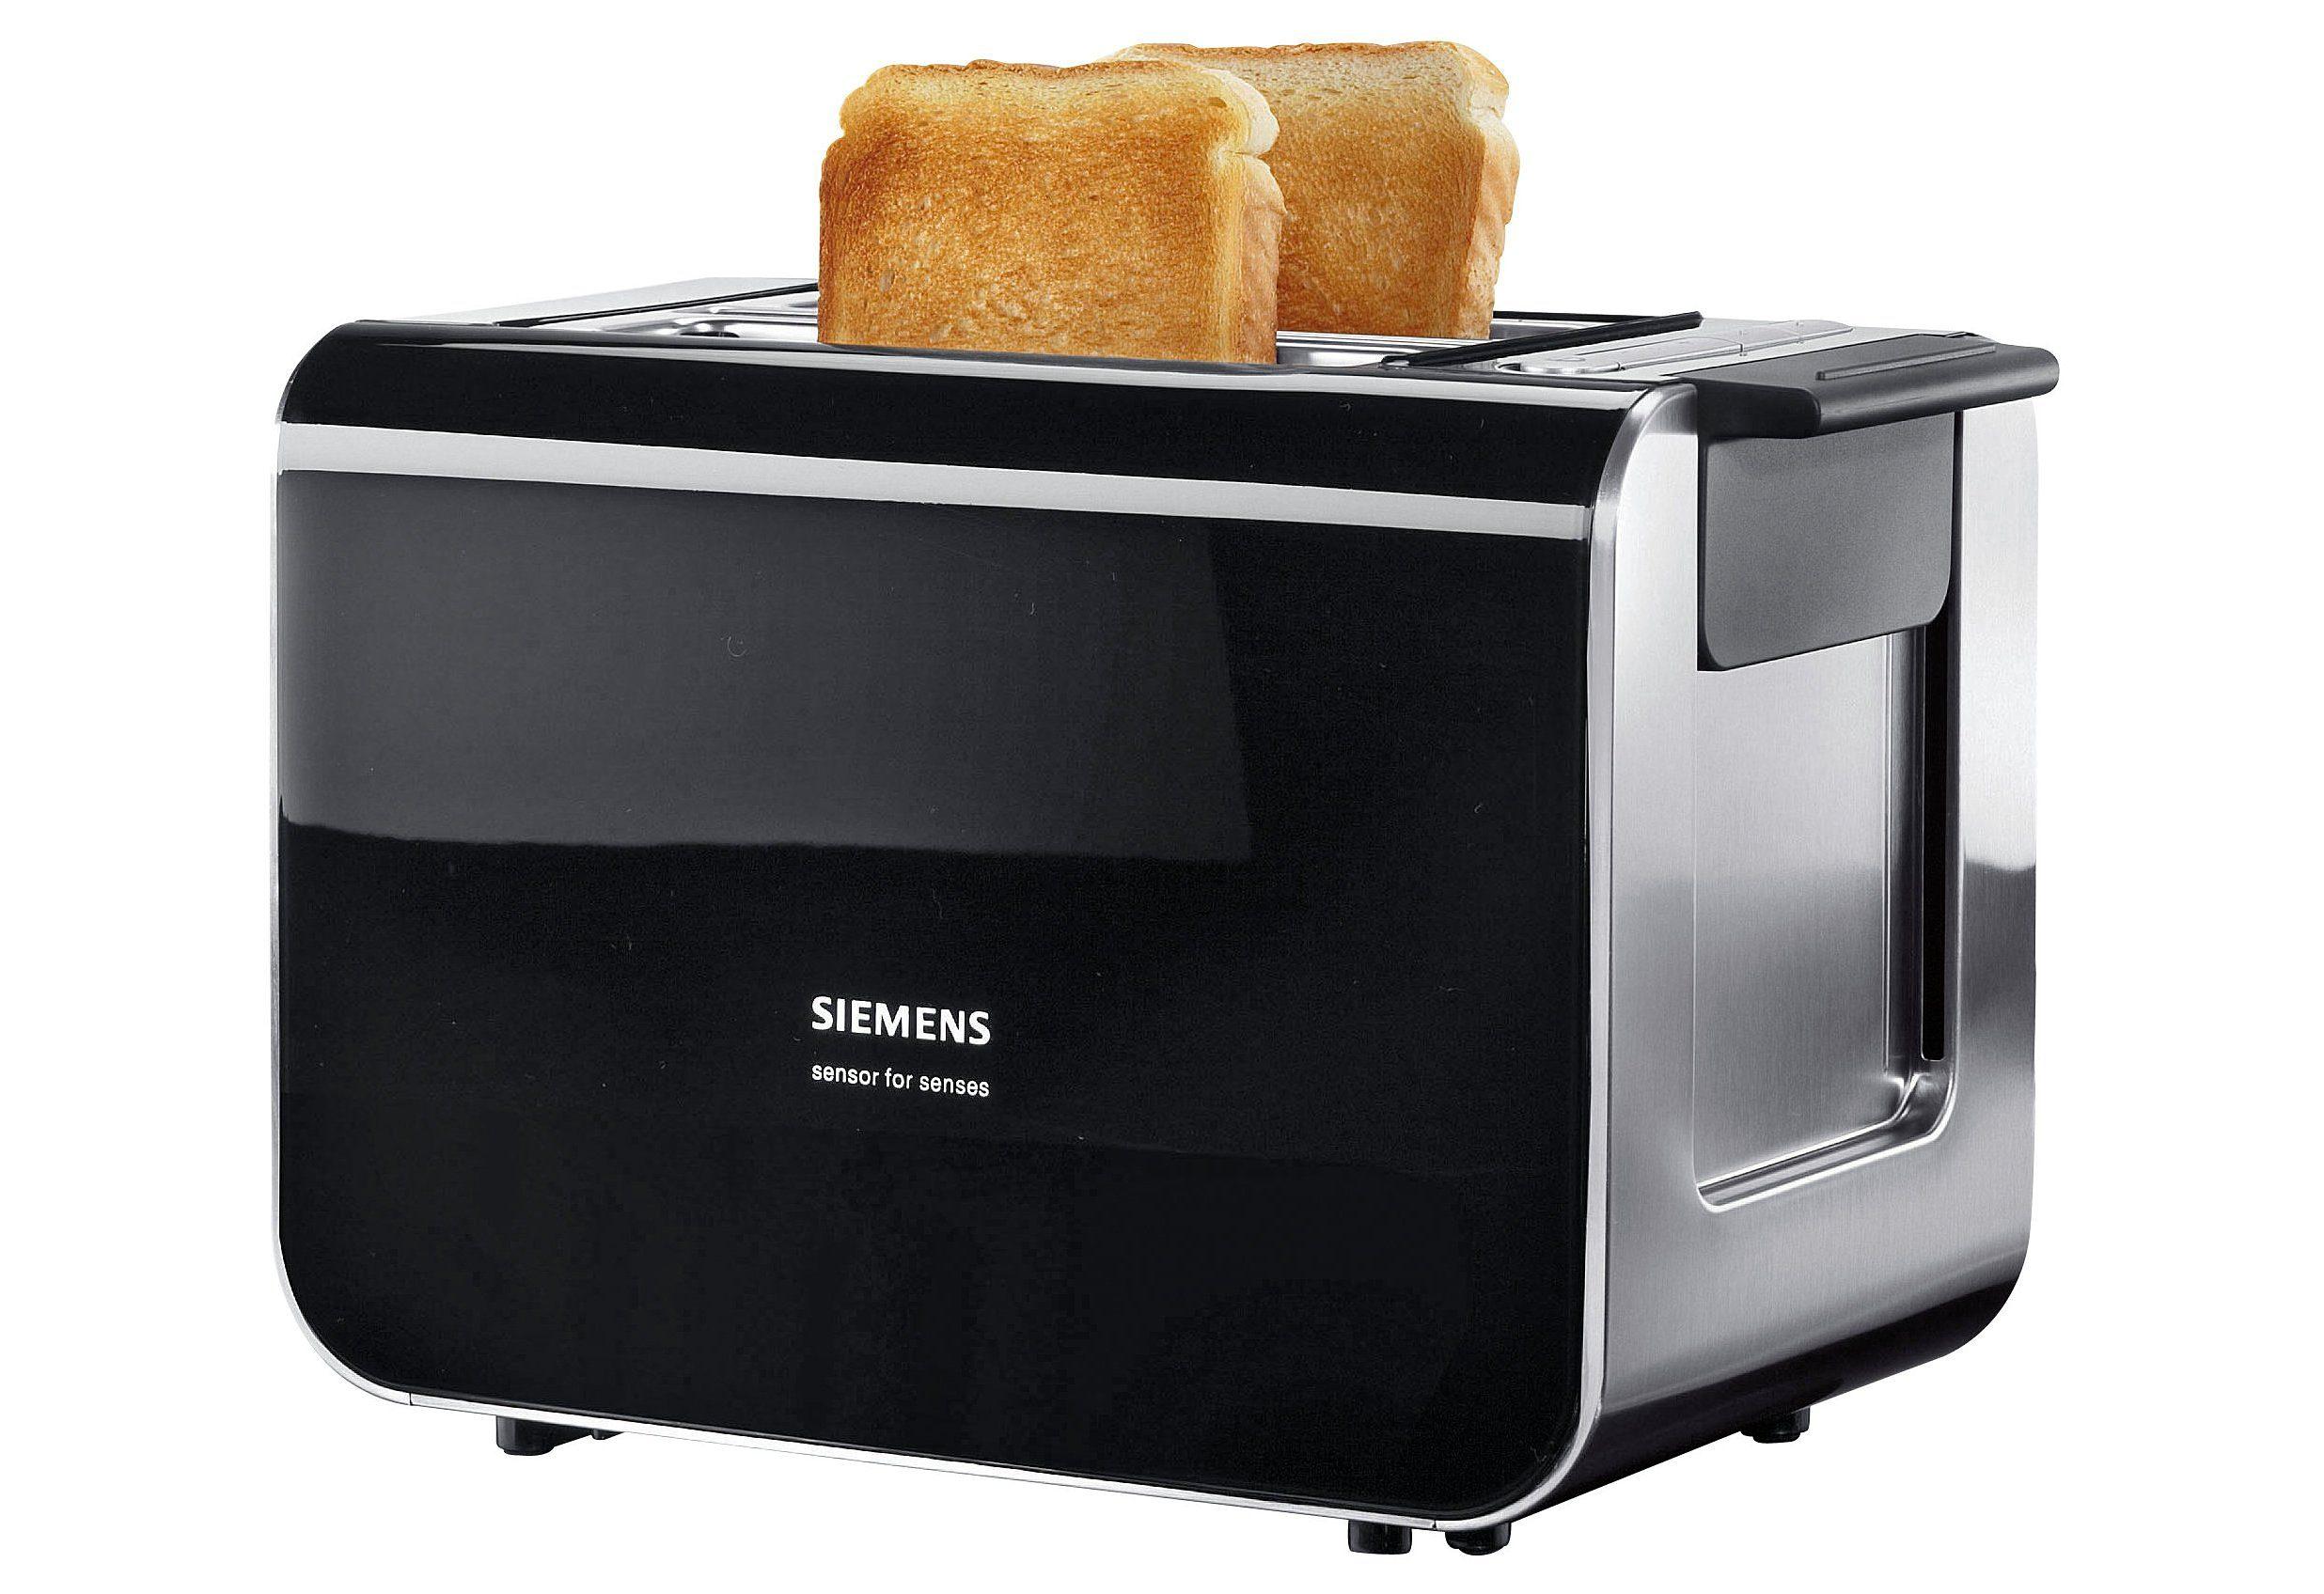 Siemens Toaster »Sensor for Senses«, mit Quarzglasheizung, für 2 Scheiben